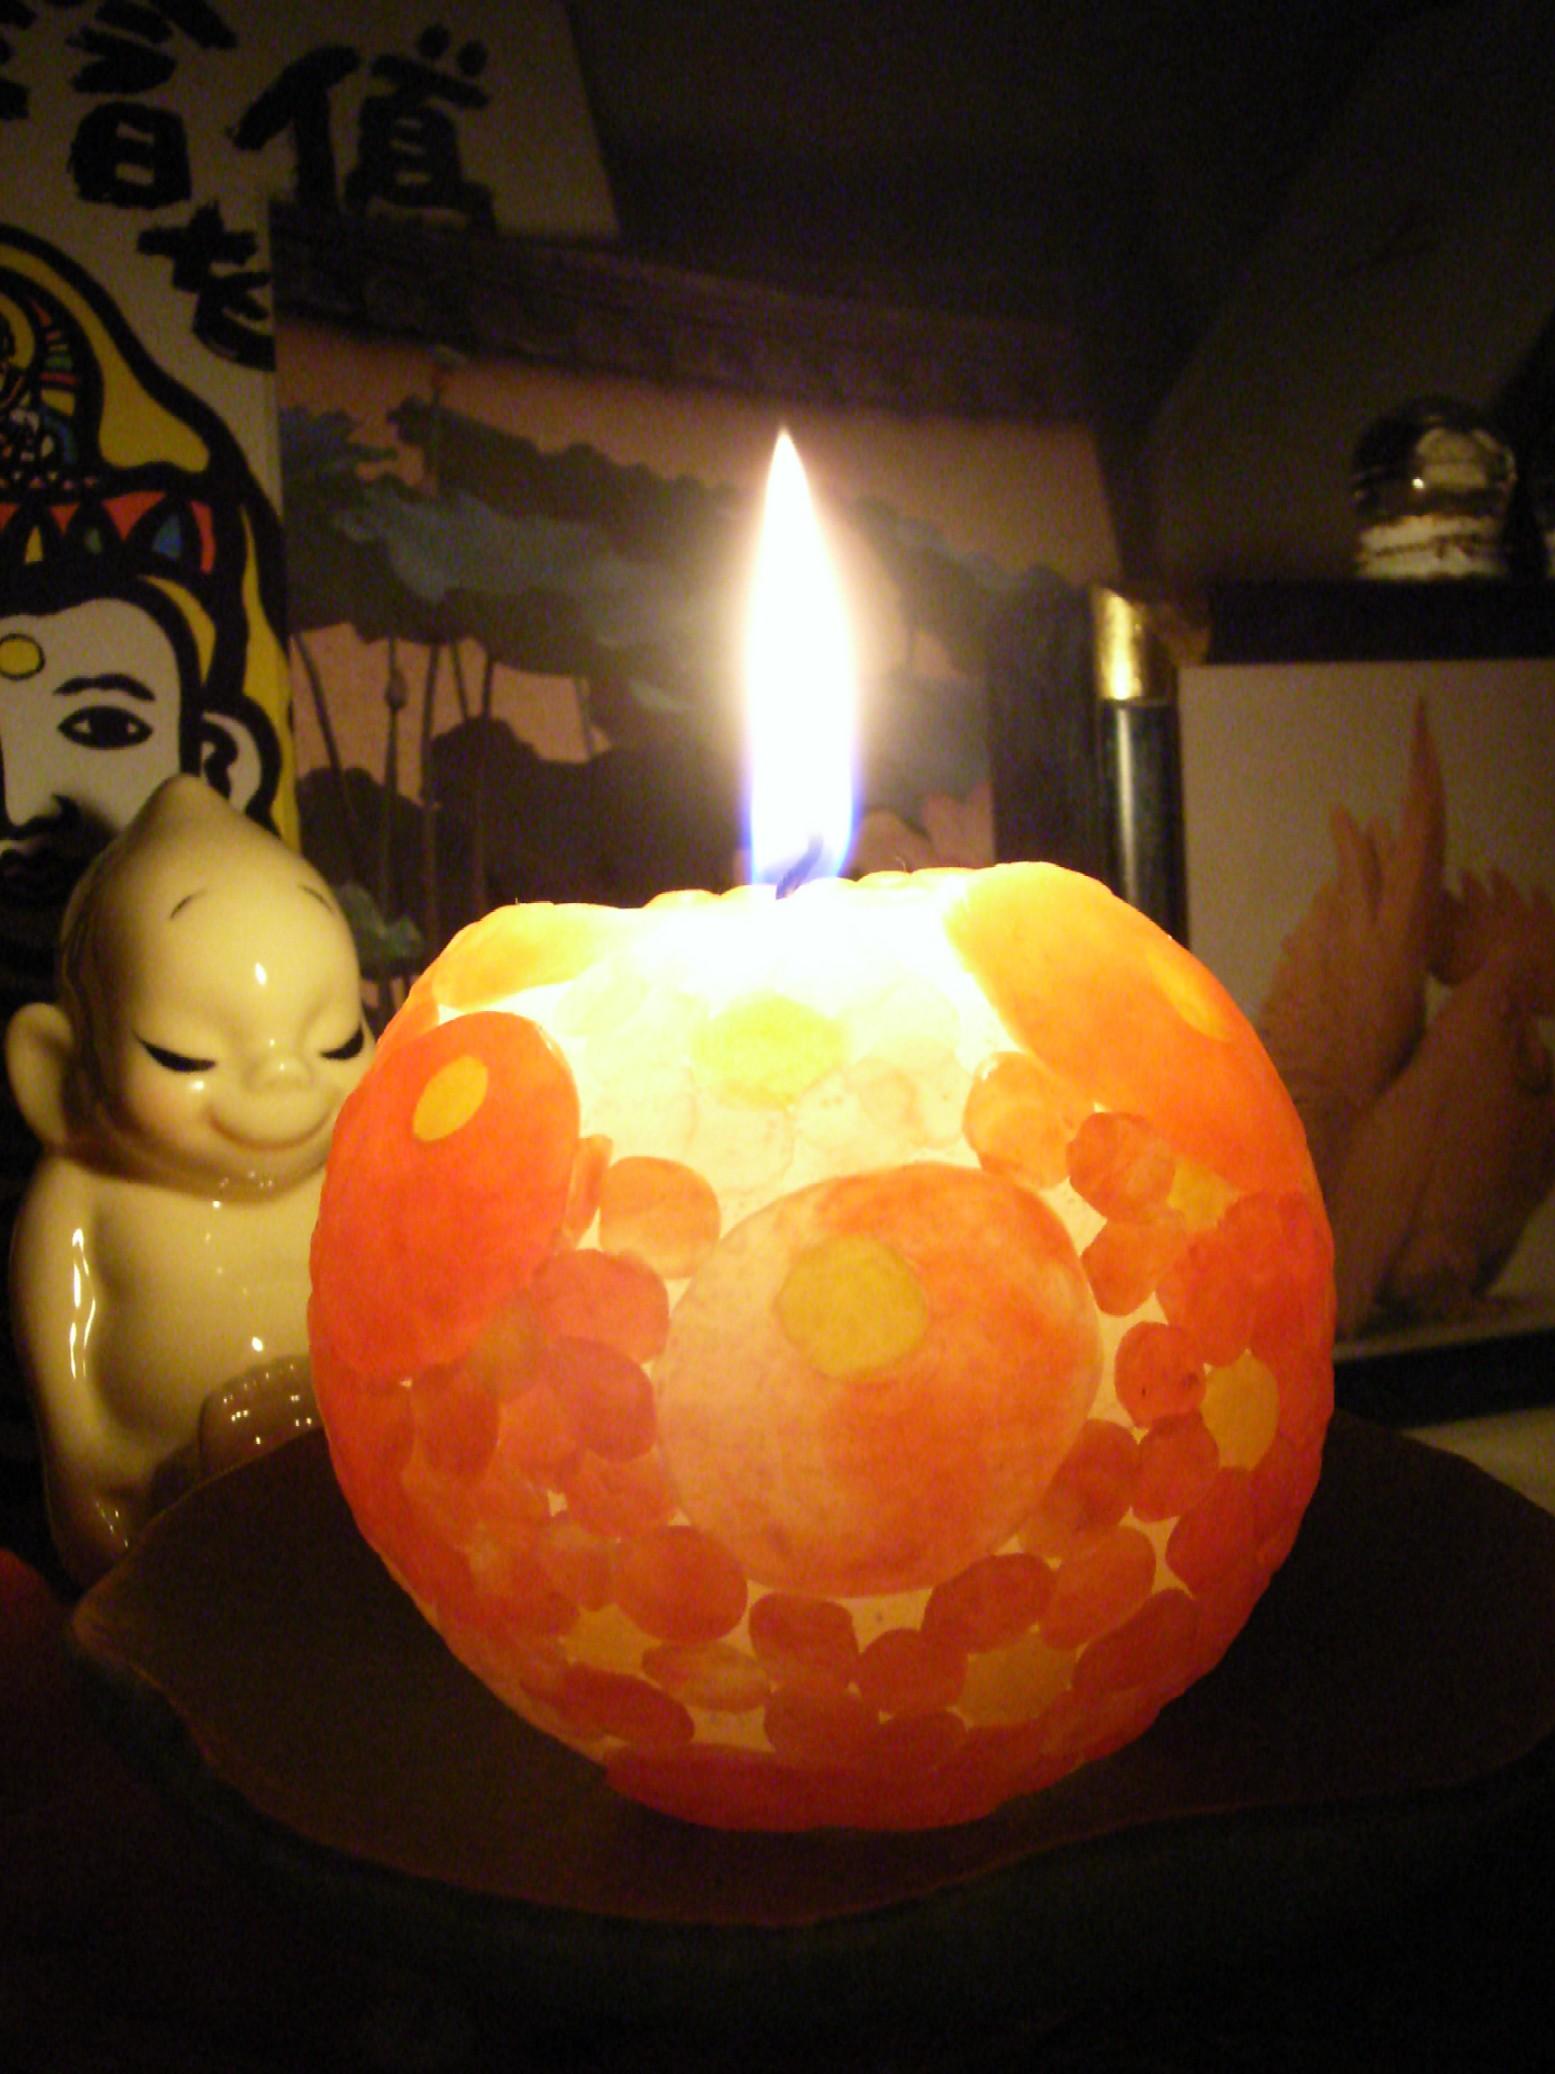 焔と饂飩、神社と神社、椿から椿。_d0091021_1135910.jpg